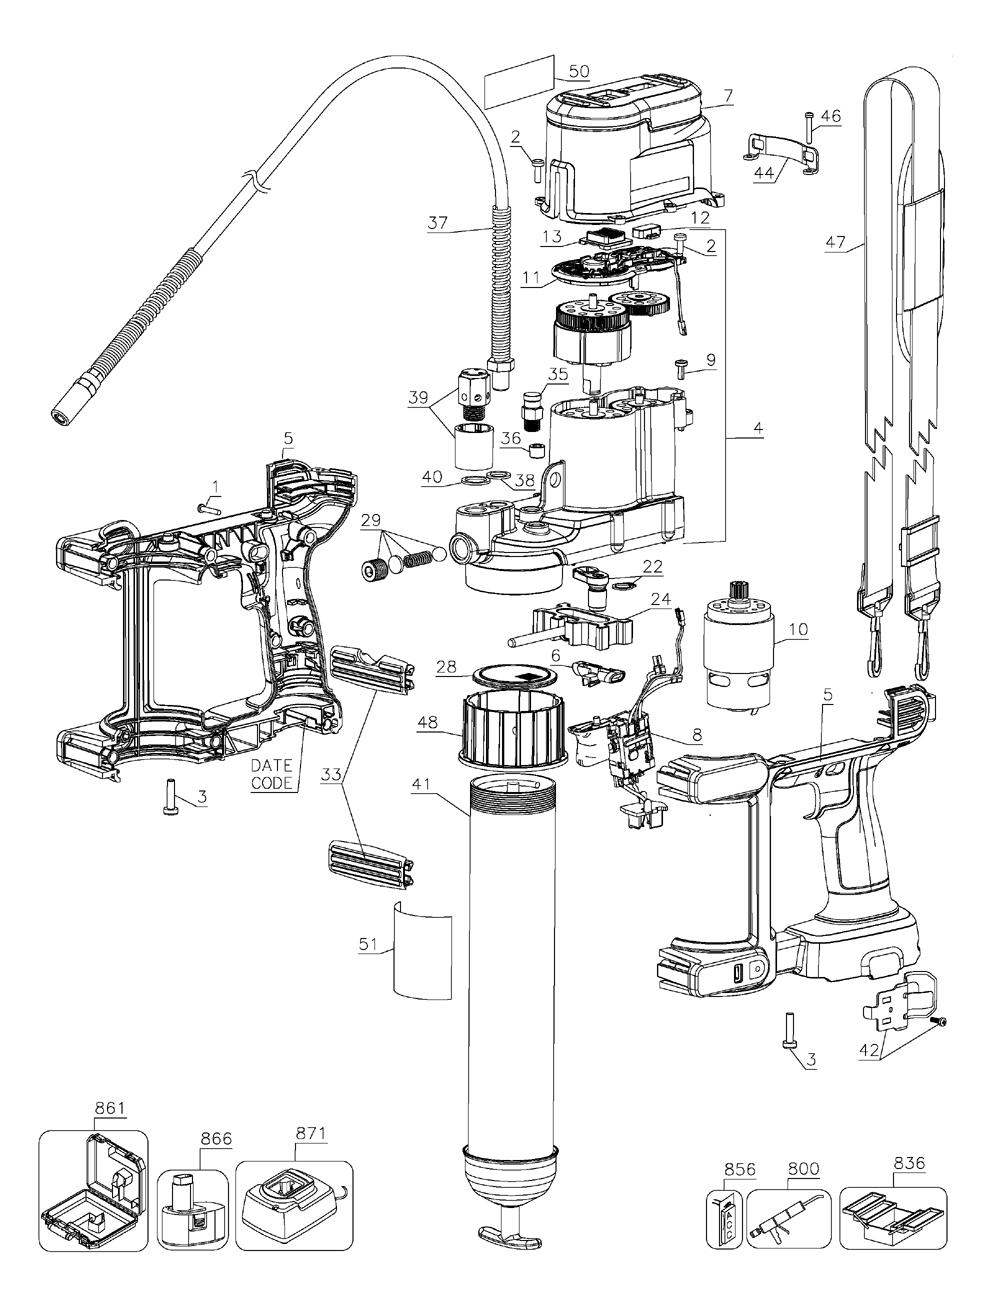 hight resolution of dewalt dcgg570k type 1 parts schematic